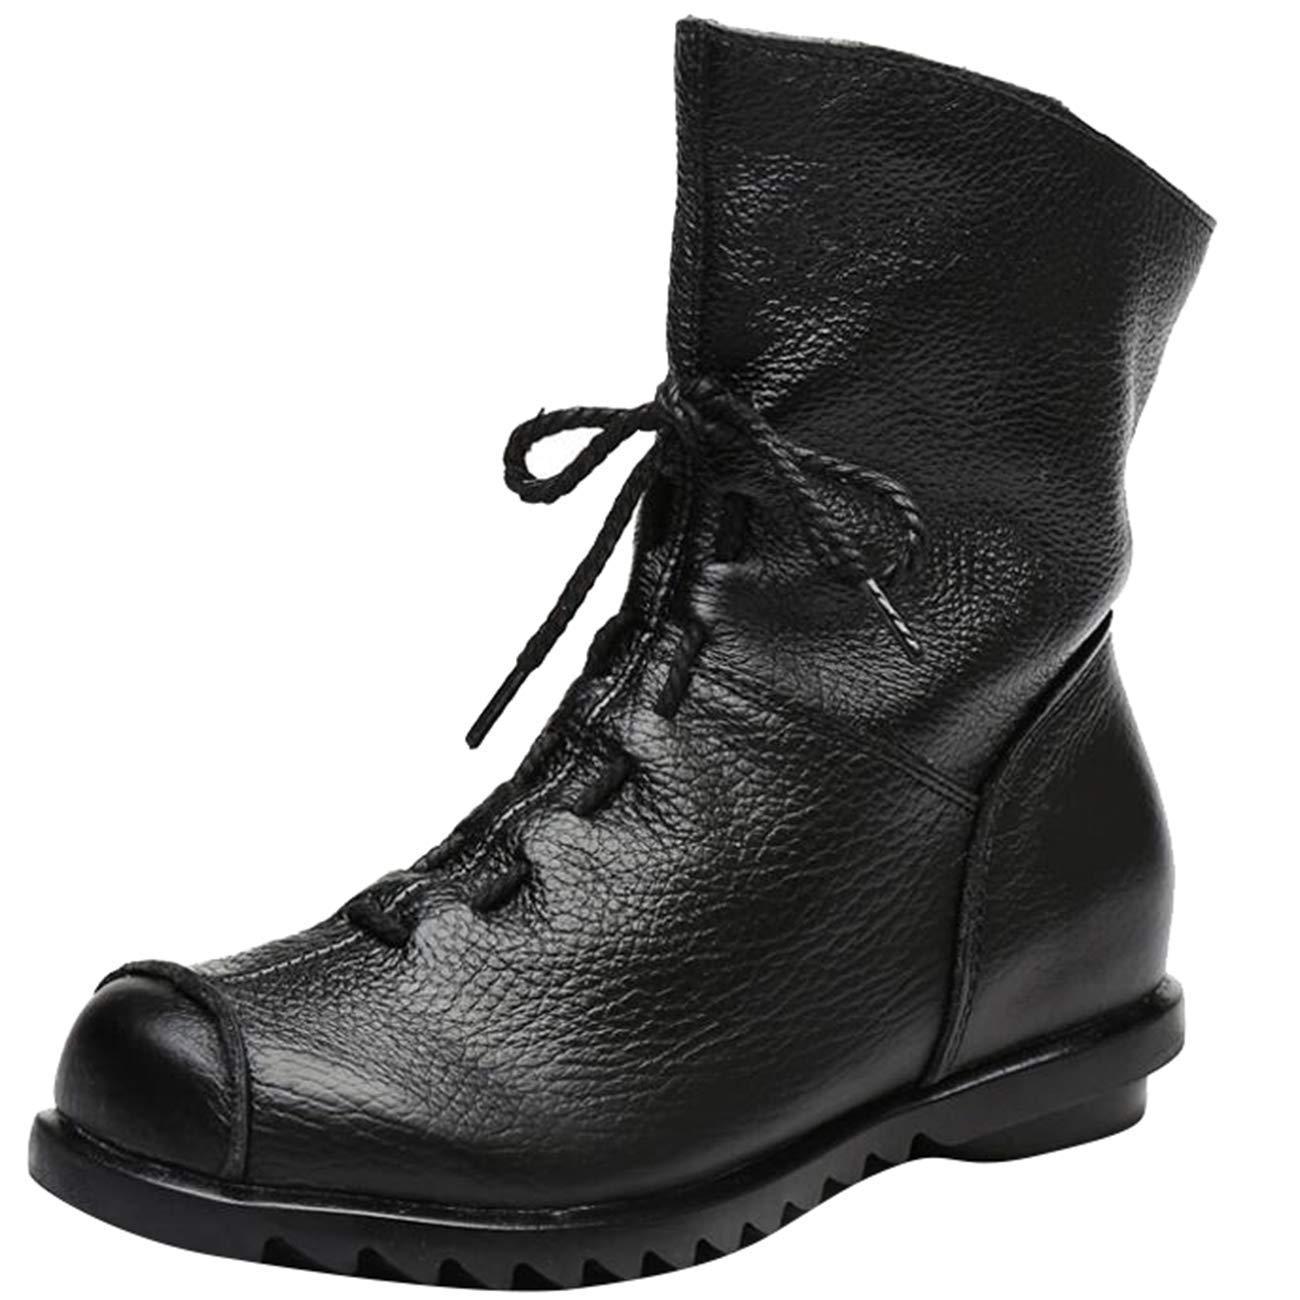 Qiusa Damen Schnürschuh mit flachem Reißverschluss und und und abgerundetem Reißverschluss (Farbe   Schwarz, Größe   3 UK) e5039c